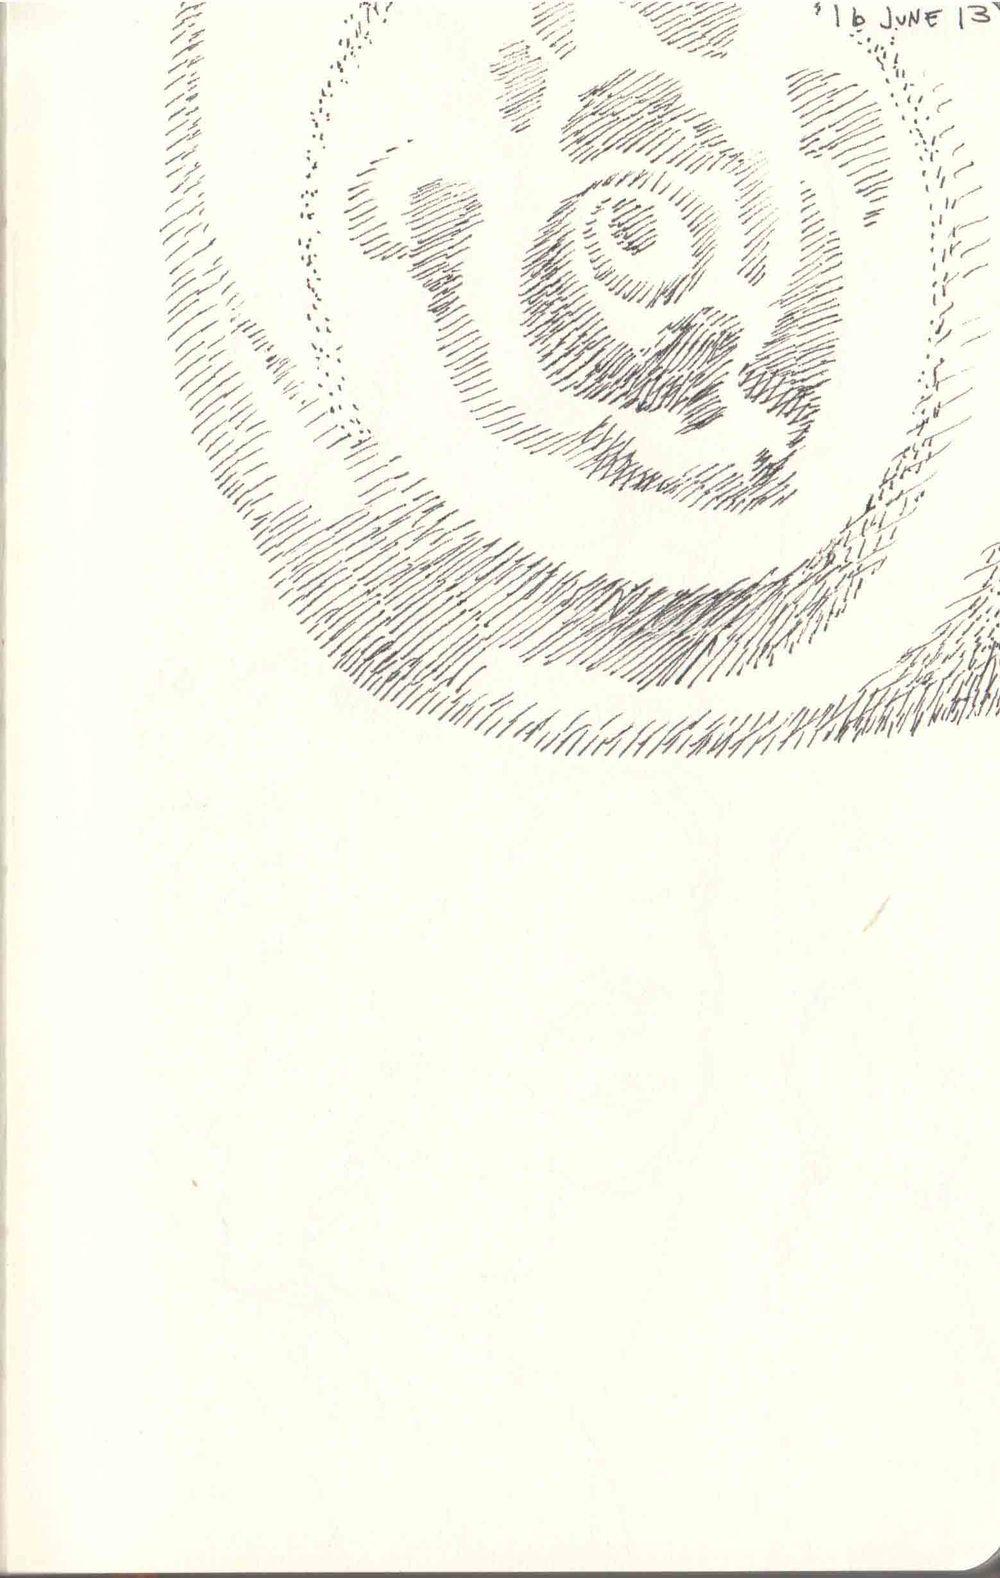 06_16.jpg